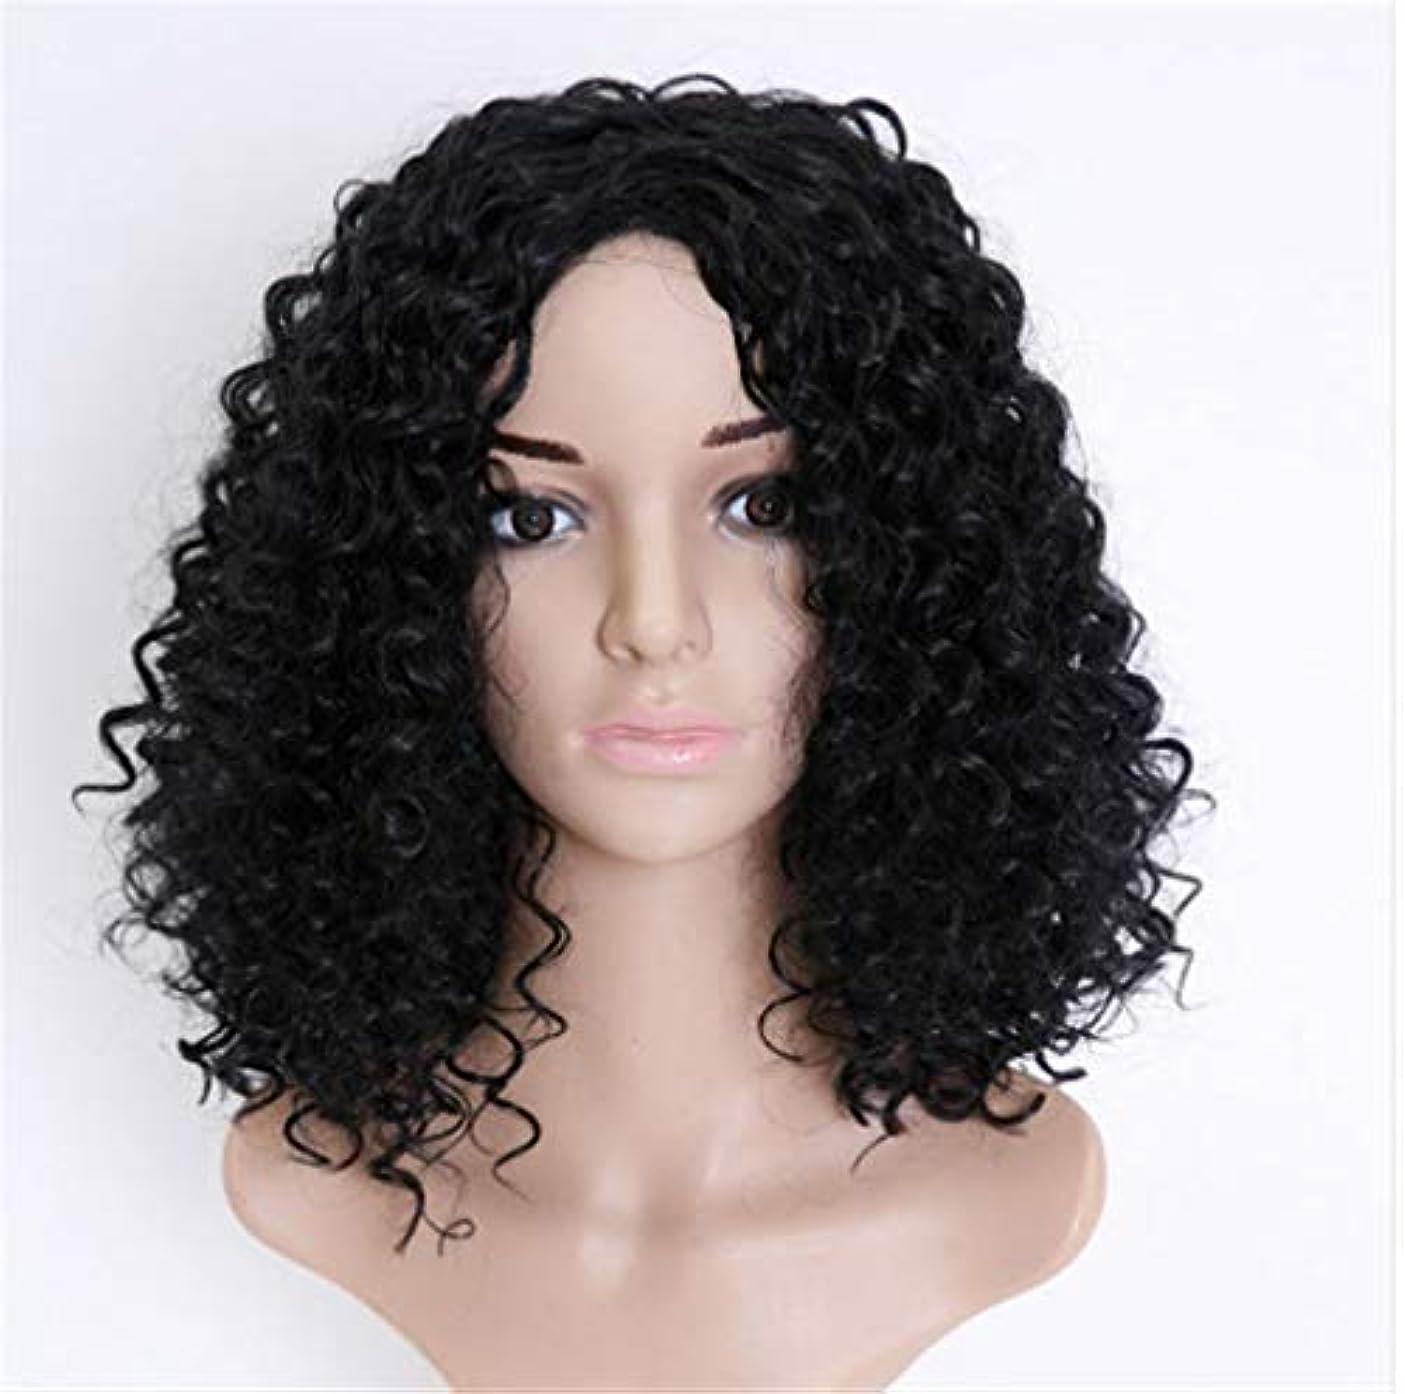 証言するスポンサー広くSRY-Wigファッション ファッション長い短い髪のかつらかつらヨーロッパやアメリカの短い巻き毛のかつら女性のアフリカの少量の爆発ヘッド化学繊維かつら (Color : Black)